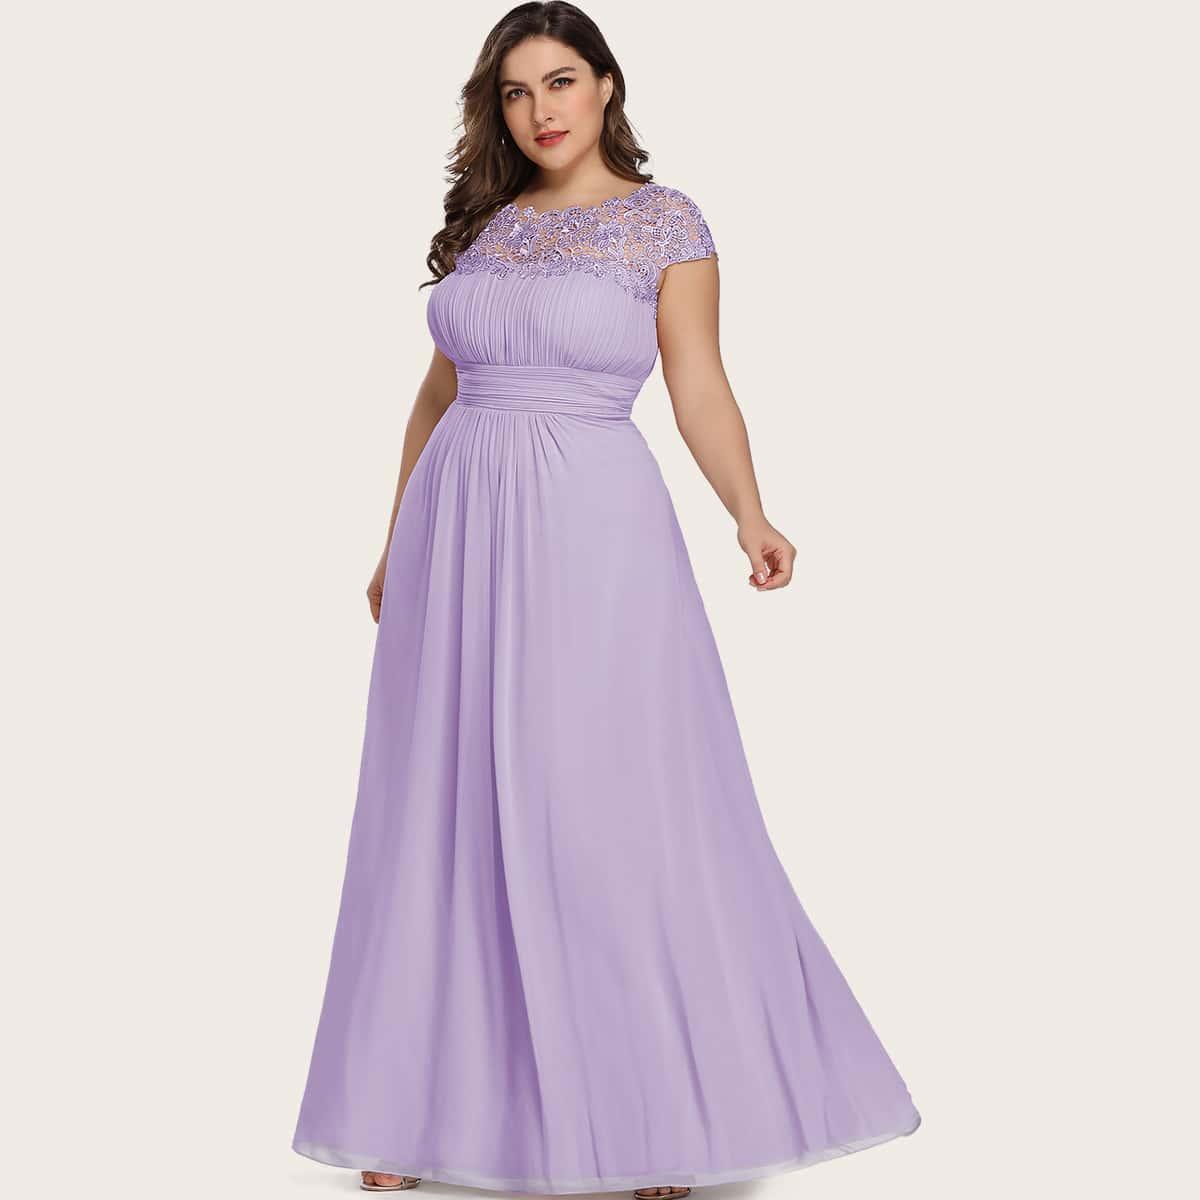 Полый Одноцветный Очаровательный Платья размер плюс